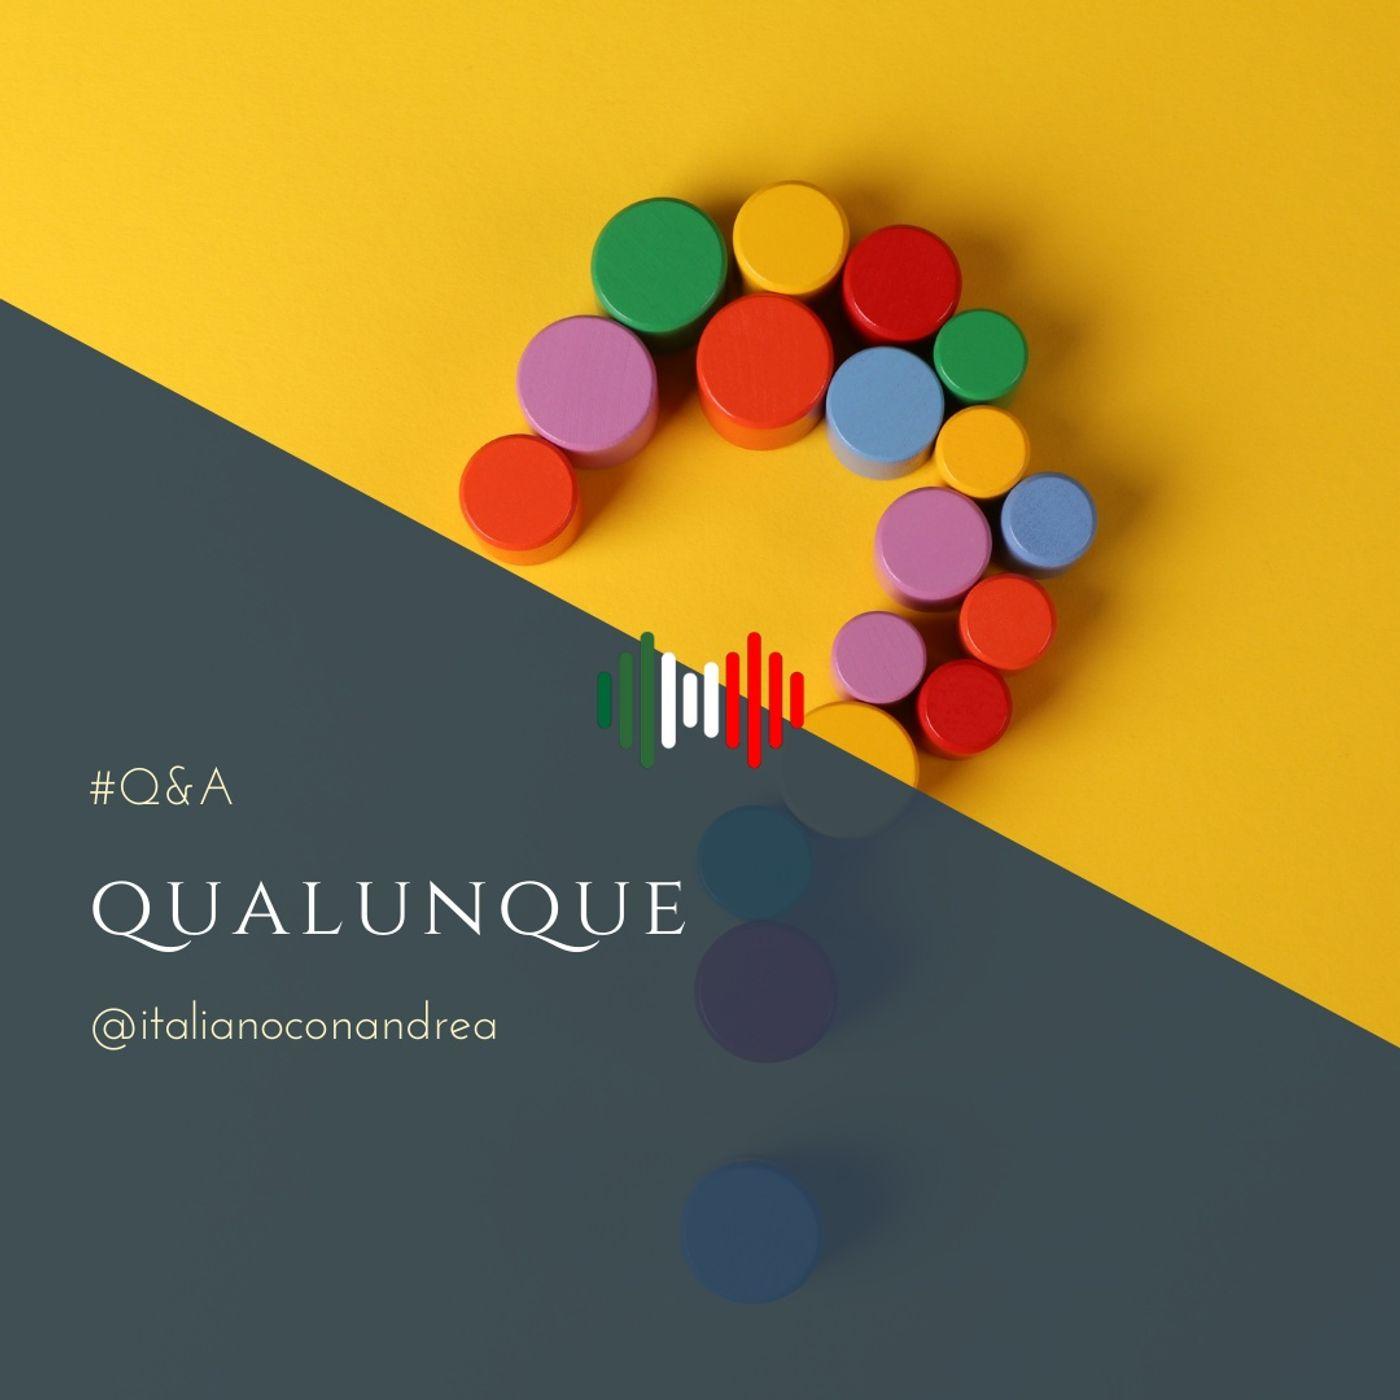 264. Q&A: Qualunque